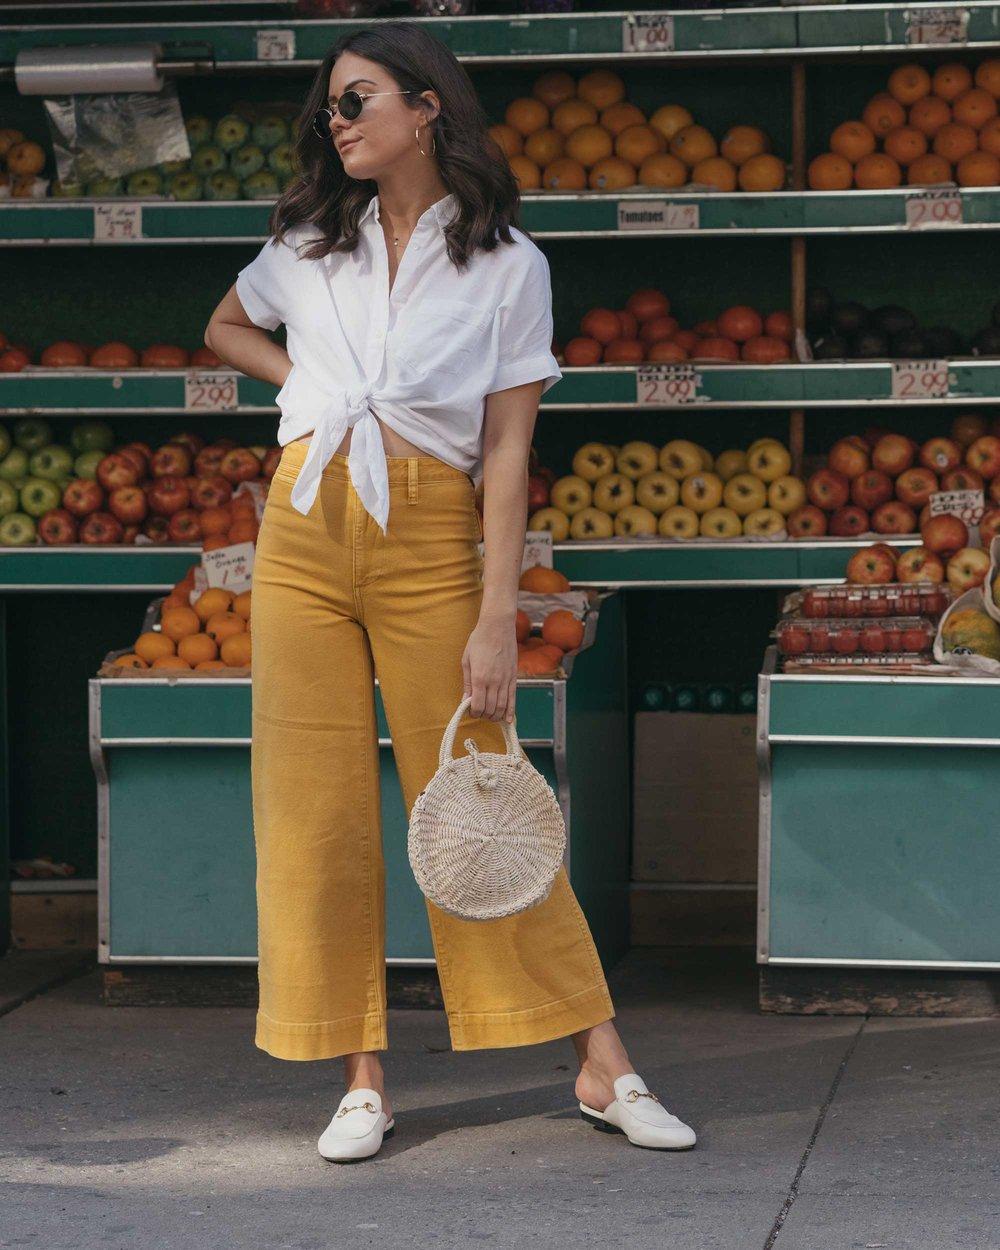 Madewell emmett wide-leg crop pants Round Woven Bag short-sleeve tie-front shirt summer outfit fruit stand new york17.jpg